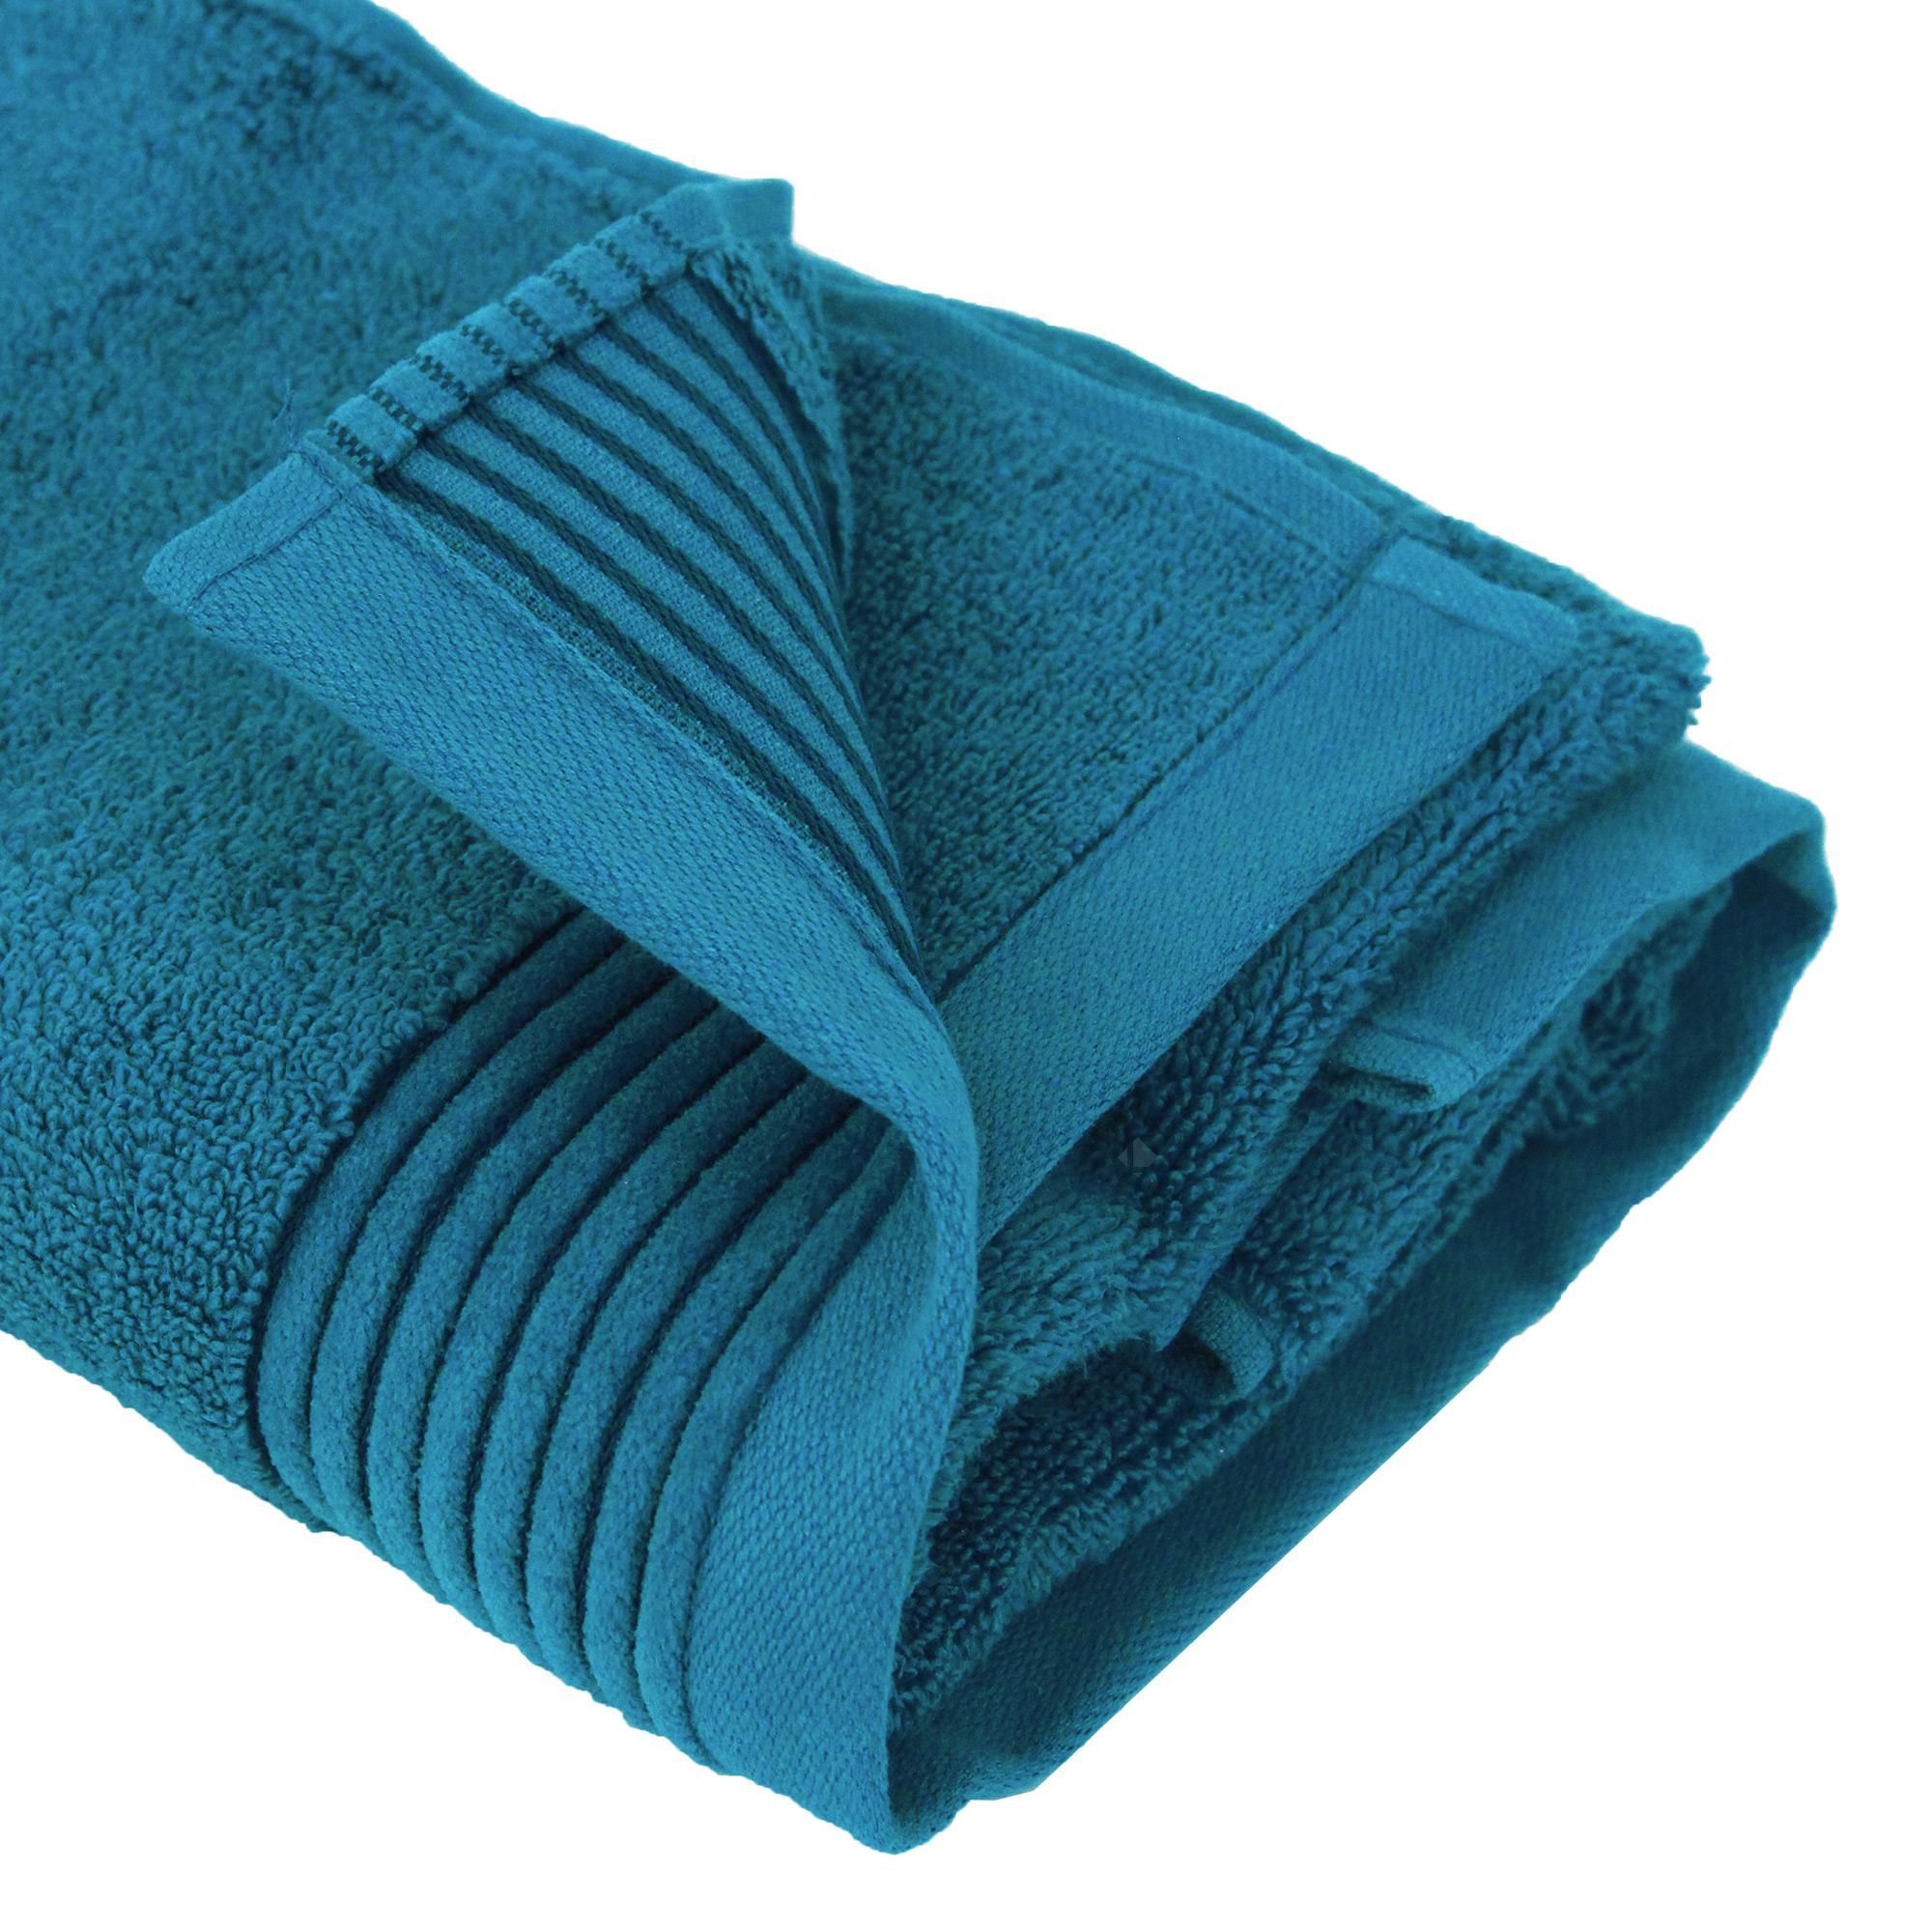 Serviette de toilette 50x100 cm juliet bleu baltic 520 g - Analyse de pratique toilette au lit ...